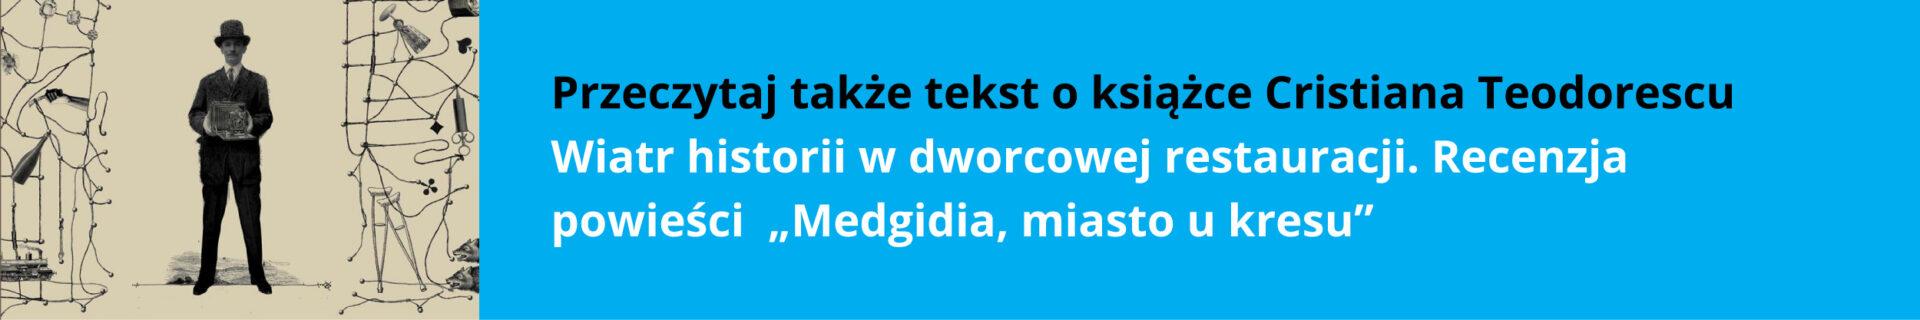 baner_kiezun_teodorescu